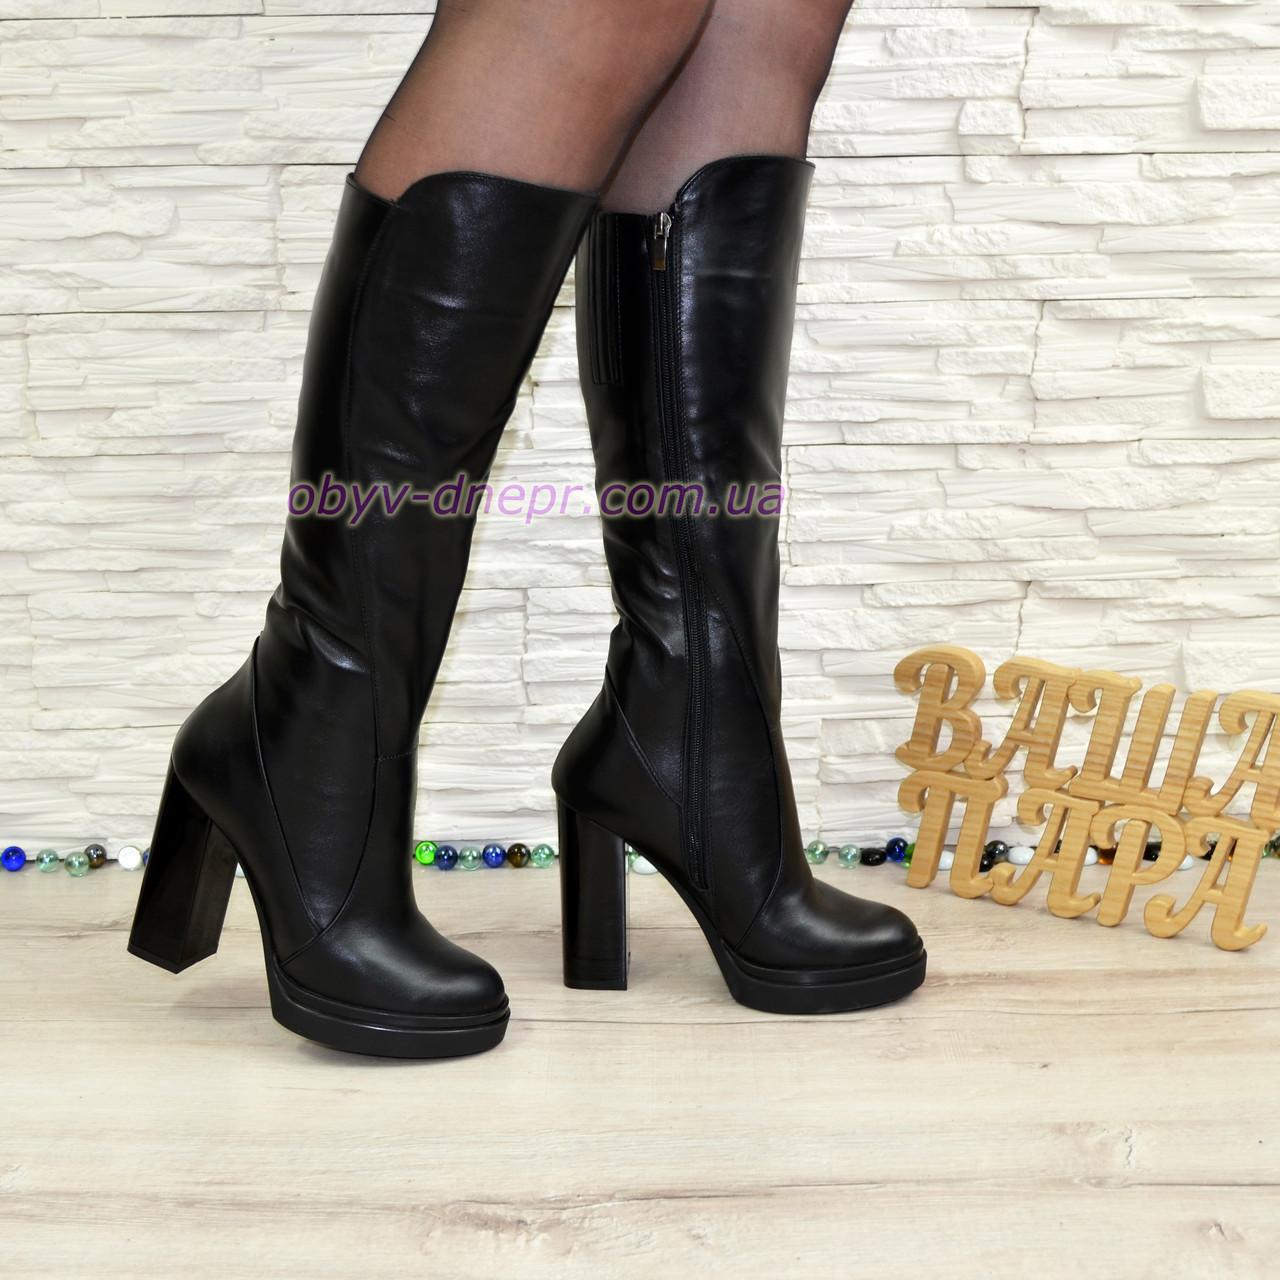 b31b761a4eb6 Женские зимние кожаные сапоги на высоком каблуке.